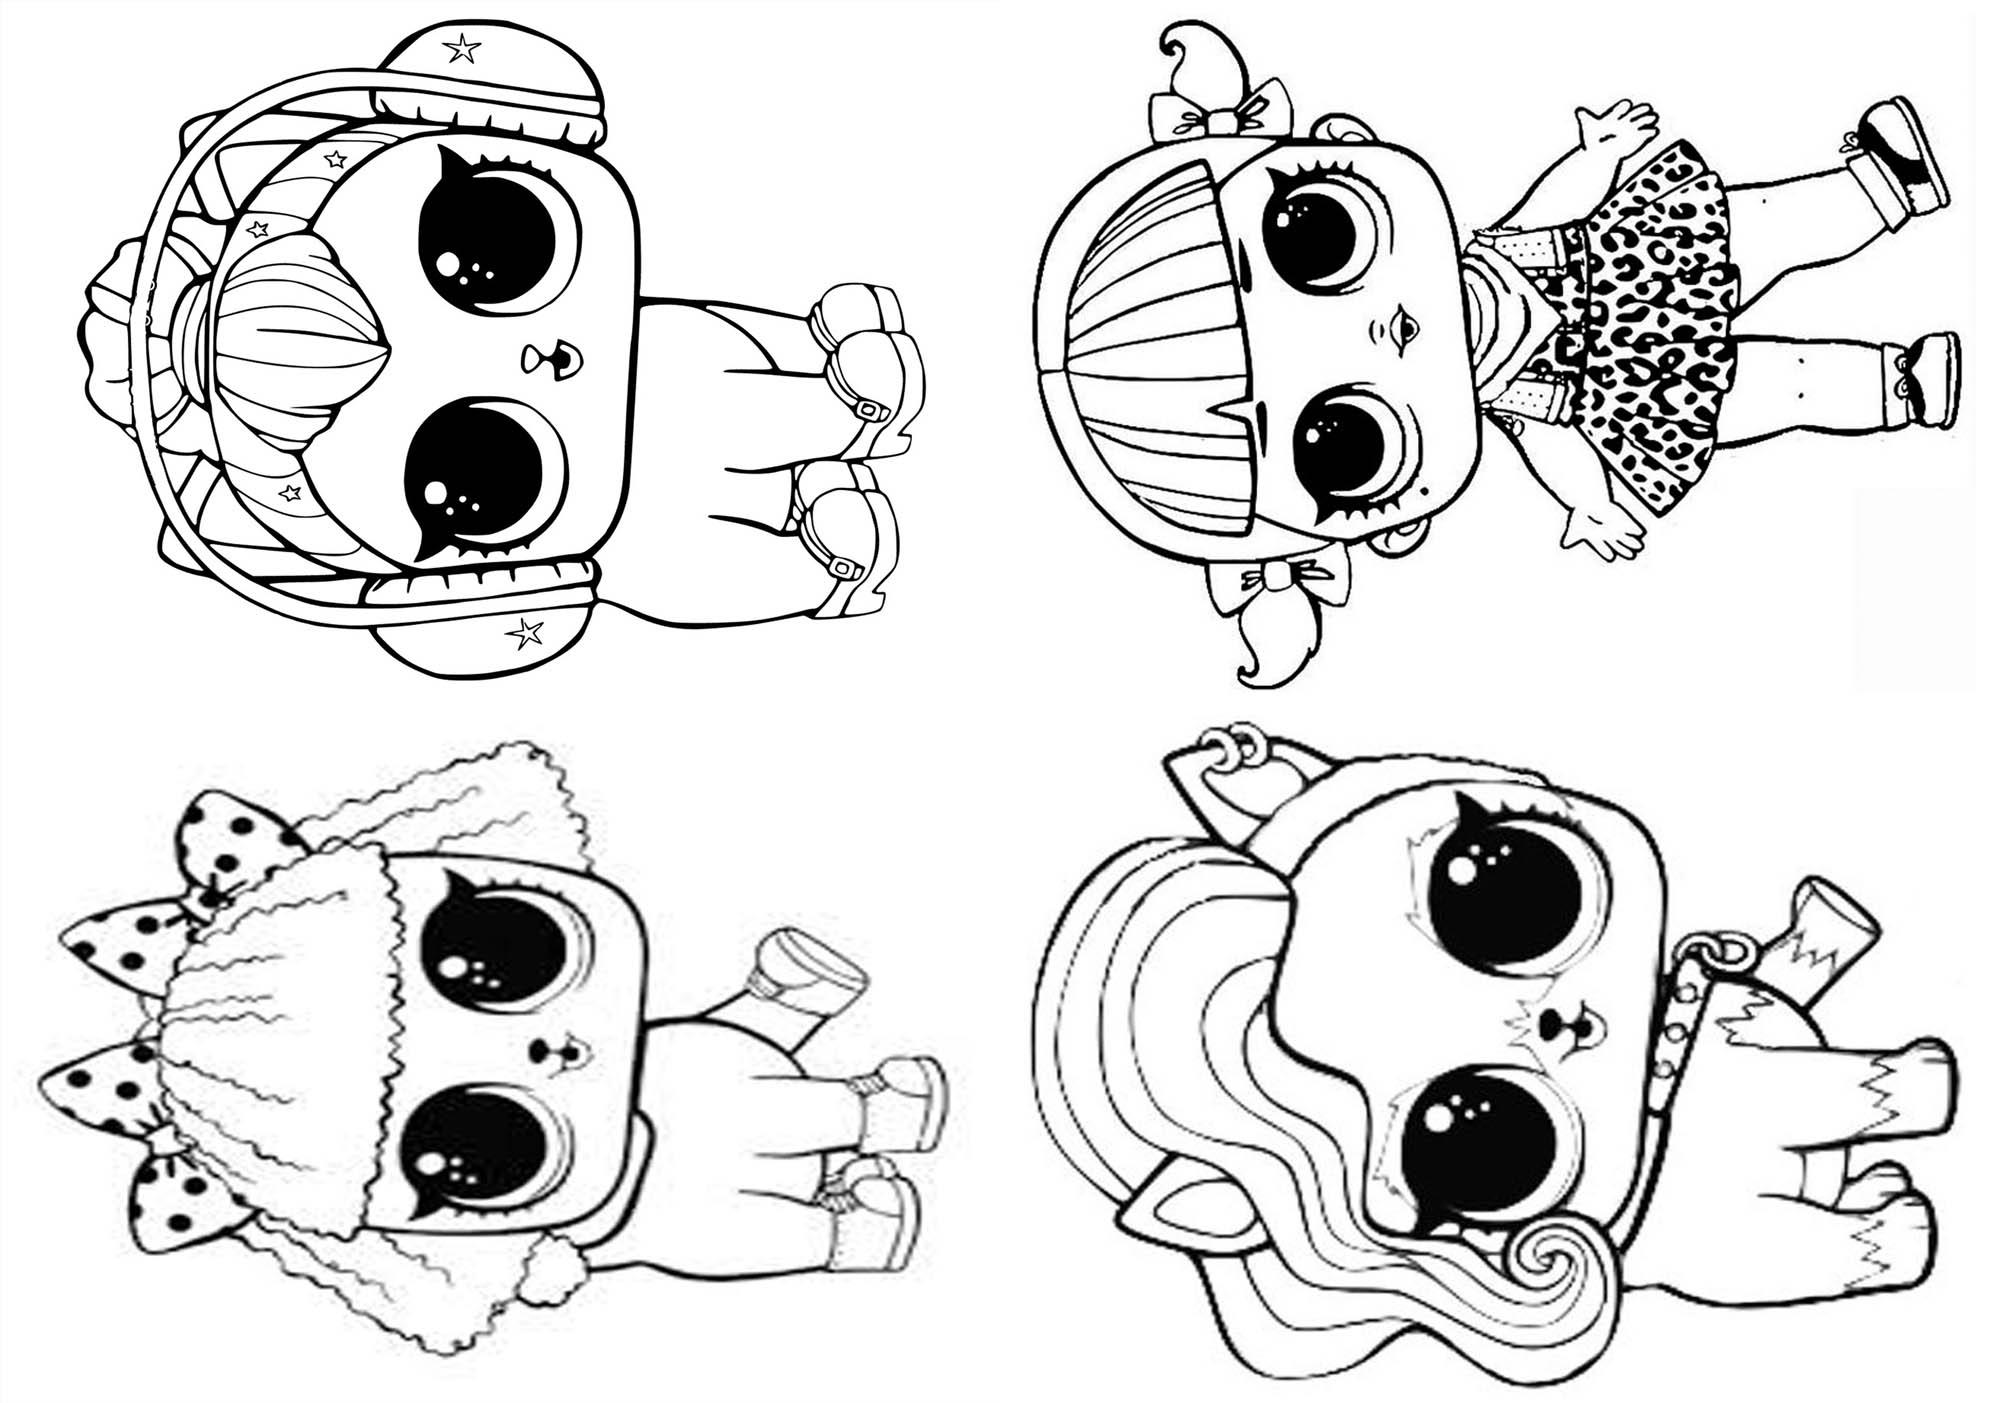 Imagens Da Lol Para Pintar E Imprimir: 14 Livrinho Para Colorir Festa Lol Surprise